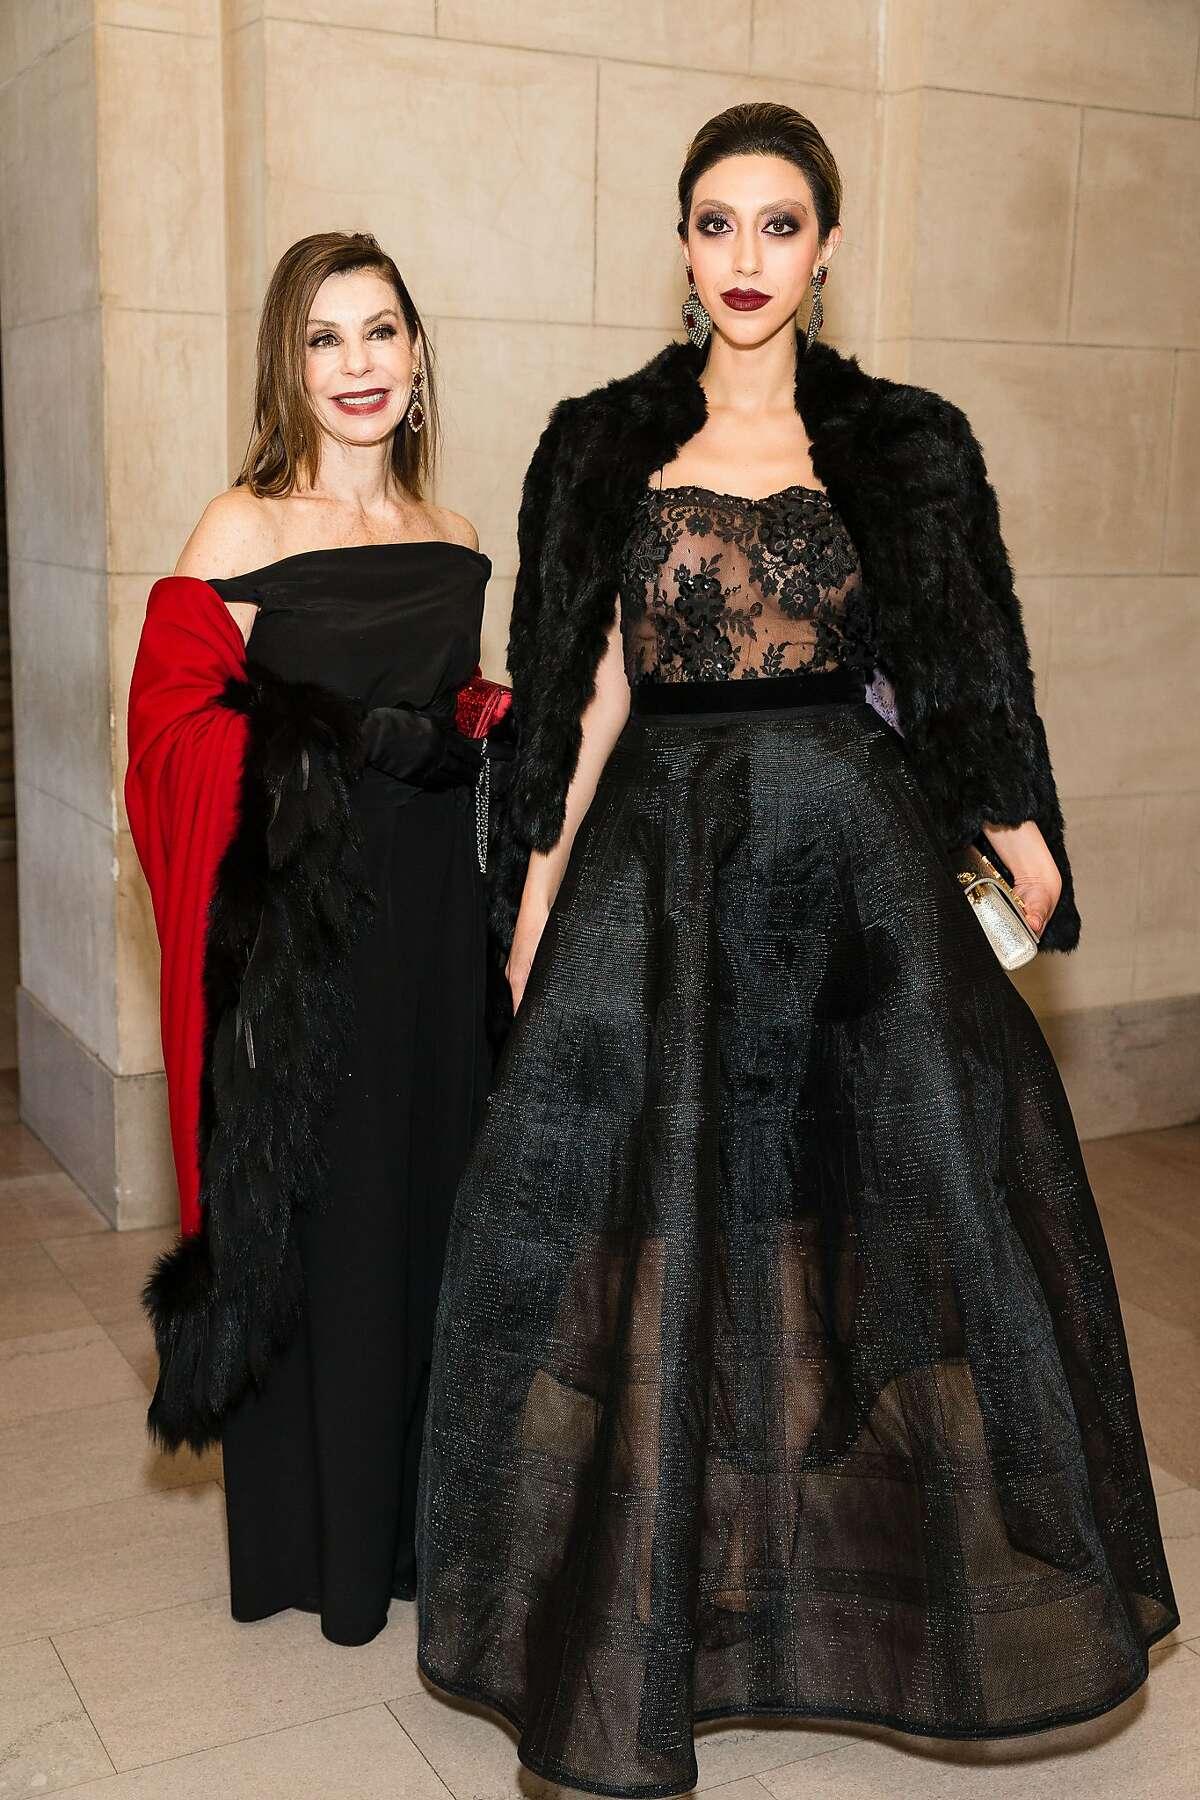 Eugenia Ahlas and Roxie Bakhtiari at the San Francisco Opera Ball.